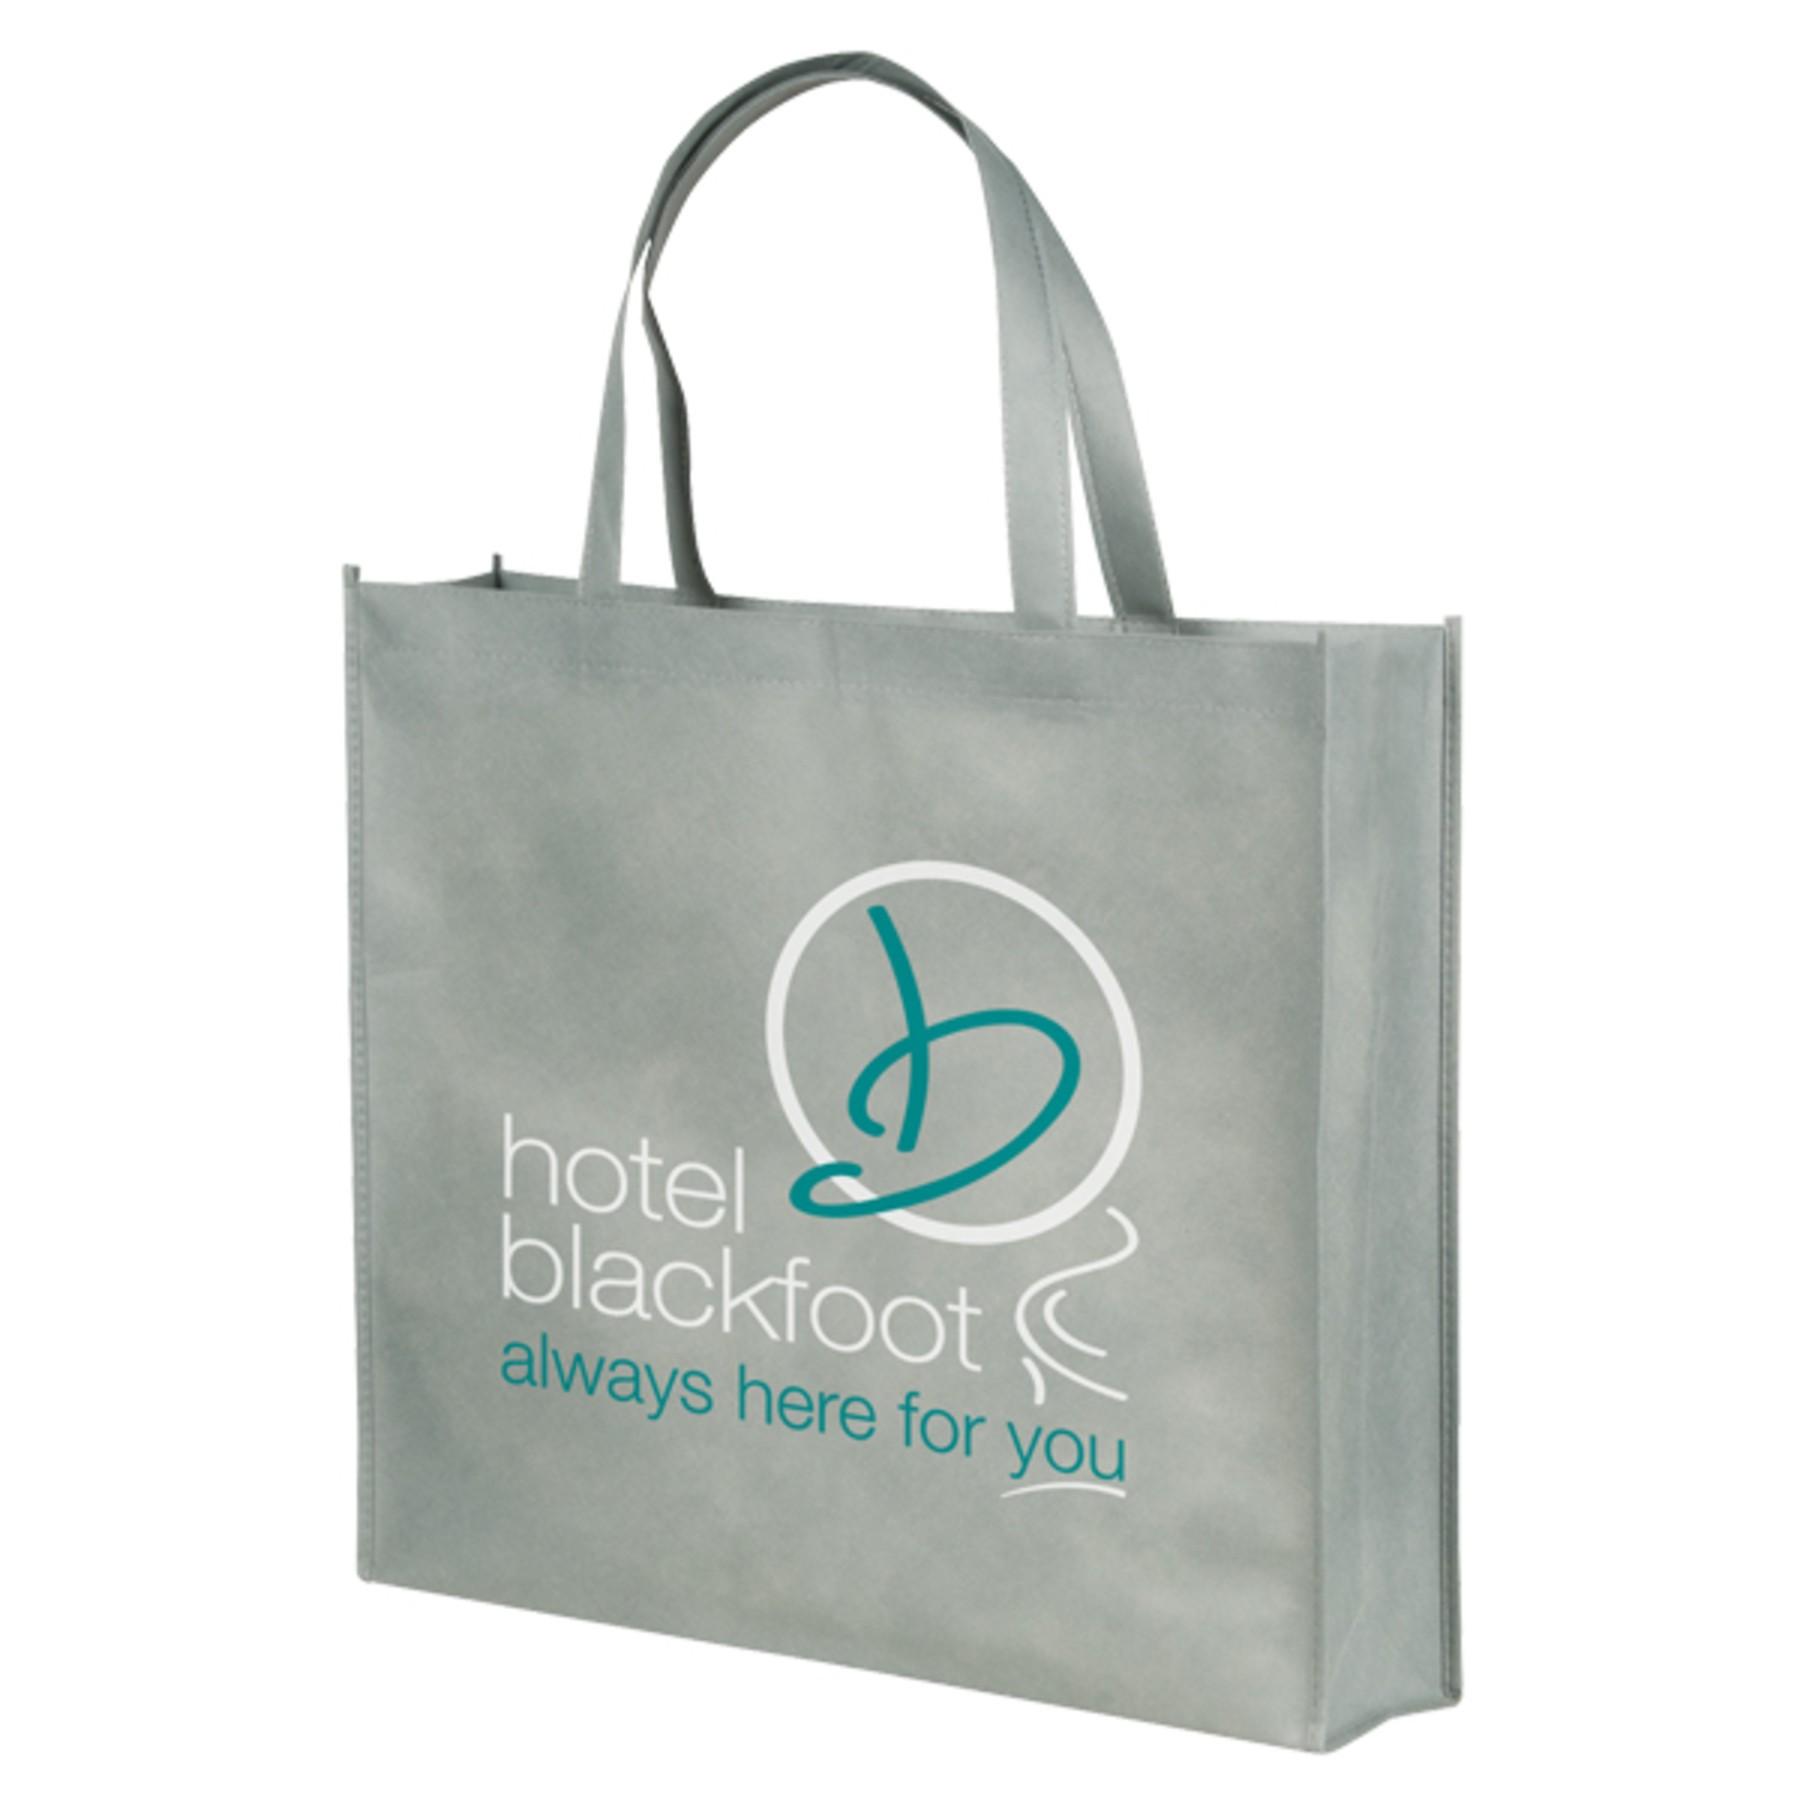 df25626e3f90 Handy non-woven tote bag for